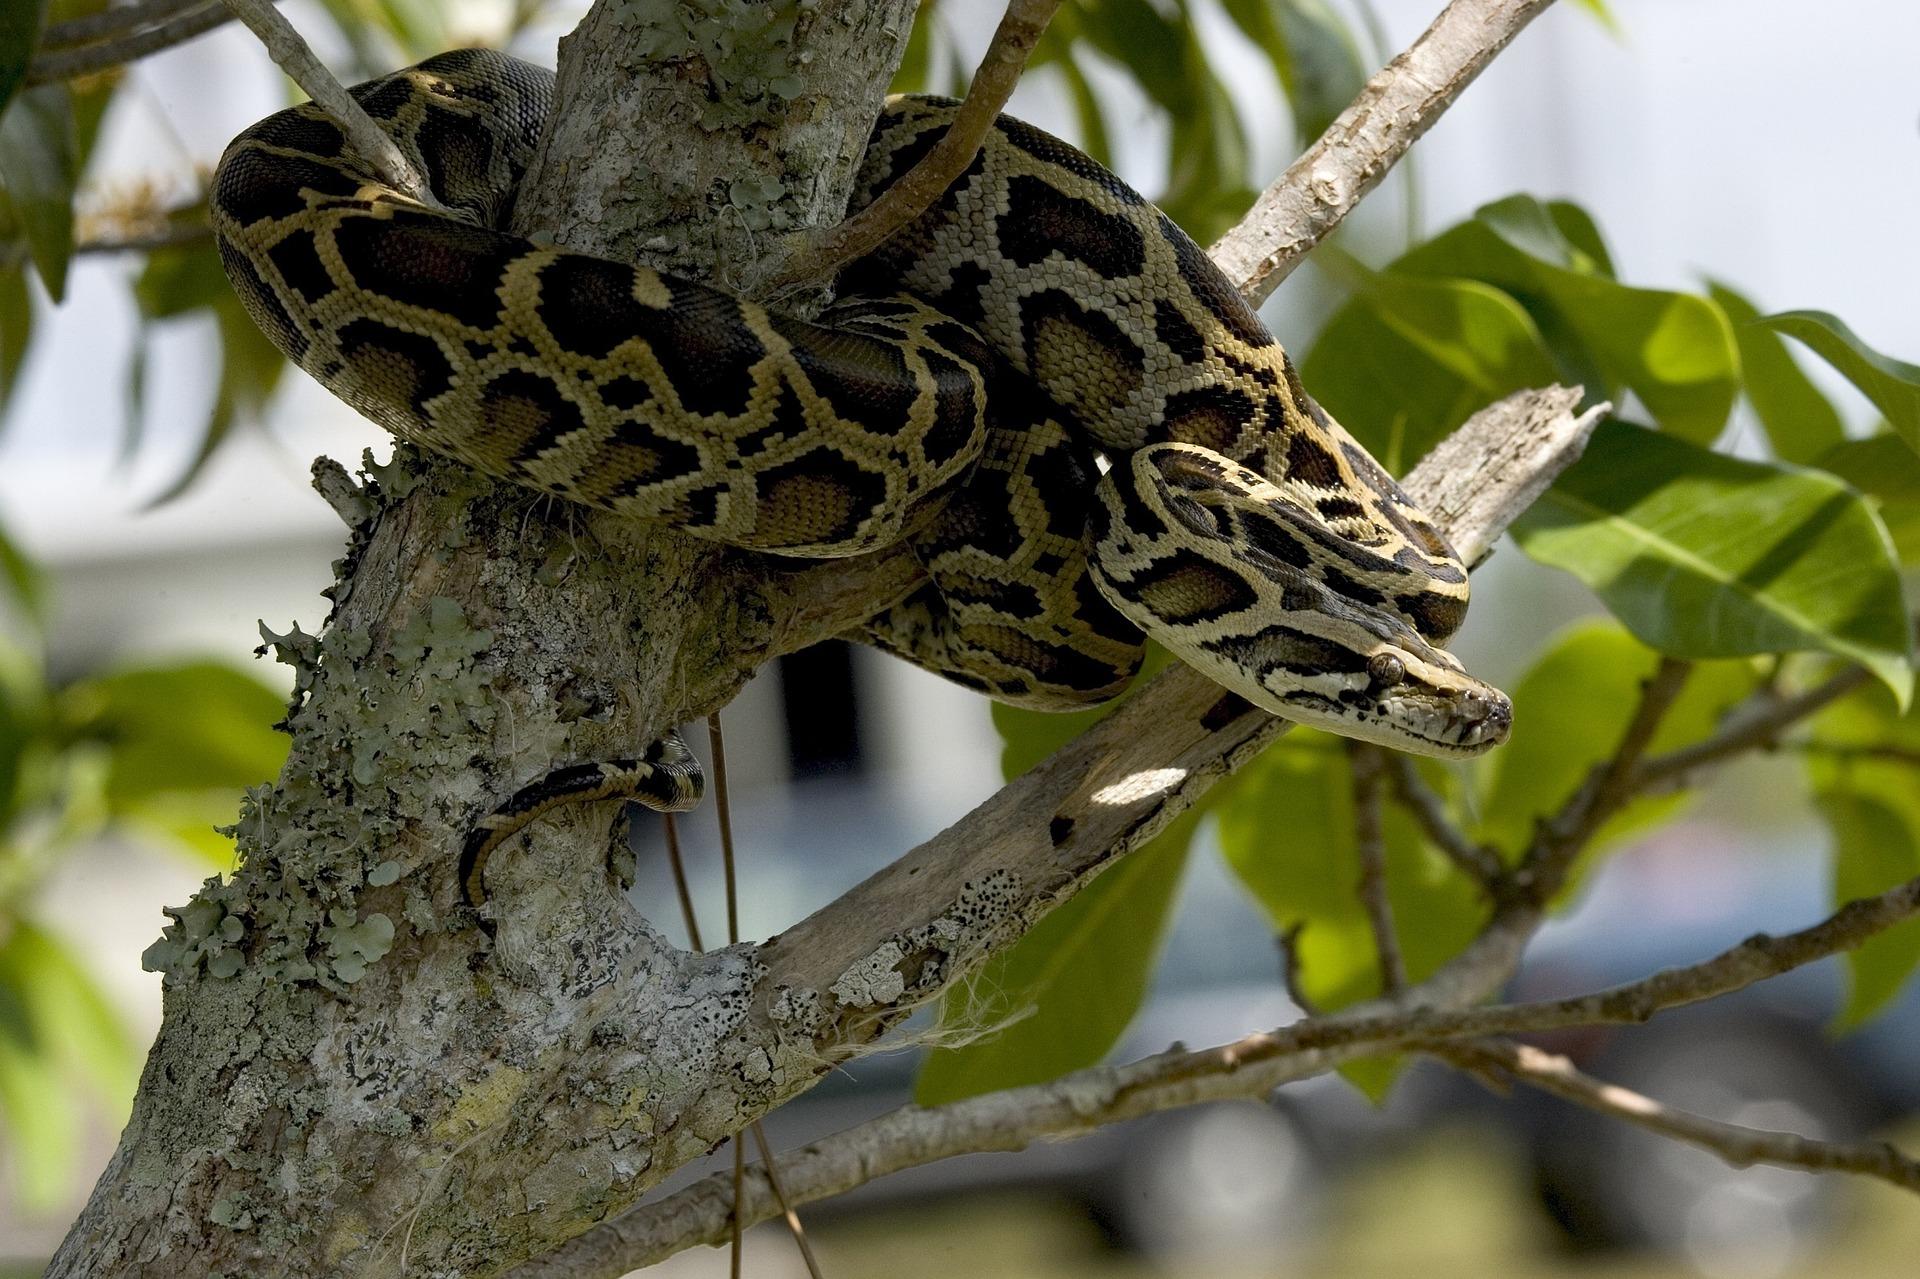 Eine Schlange mit Netzmuster in beige und Brauntönen wickelt sich um einen Baum.